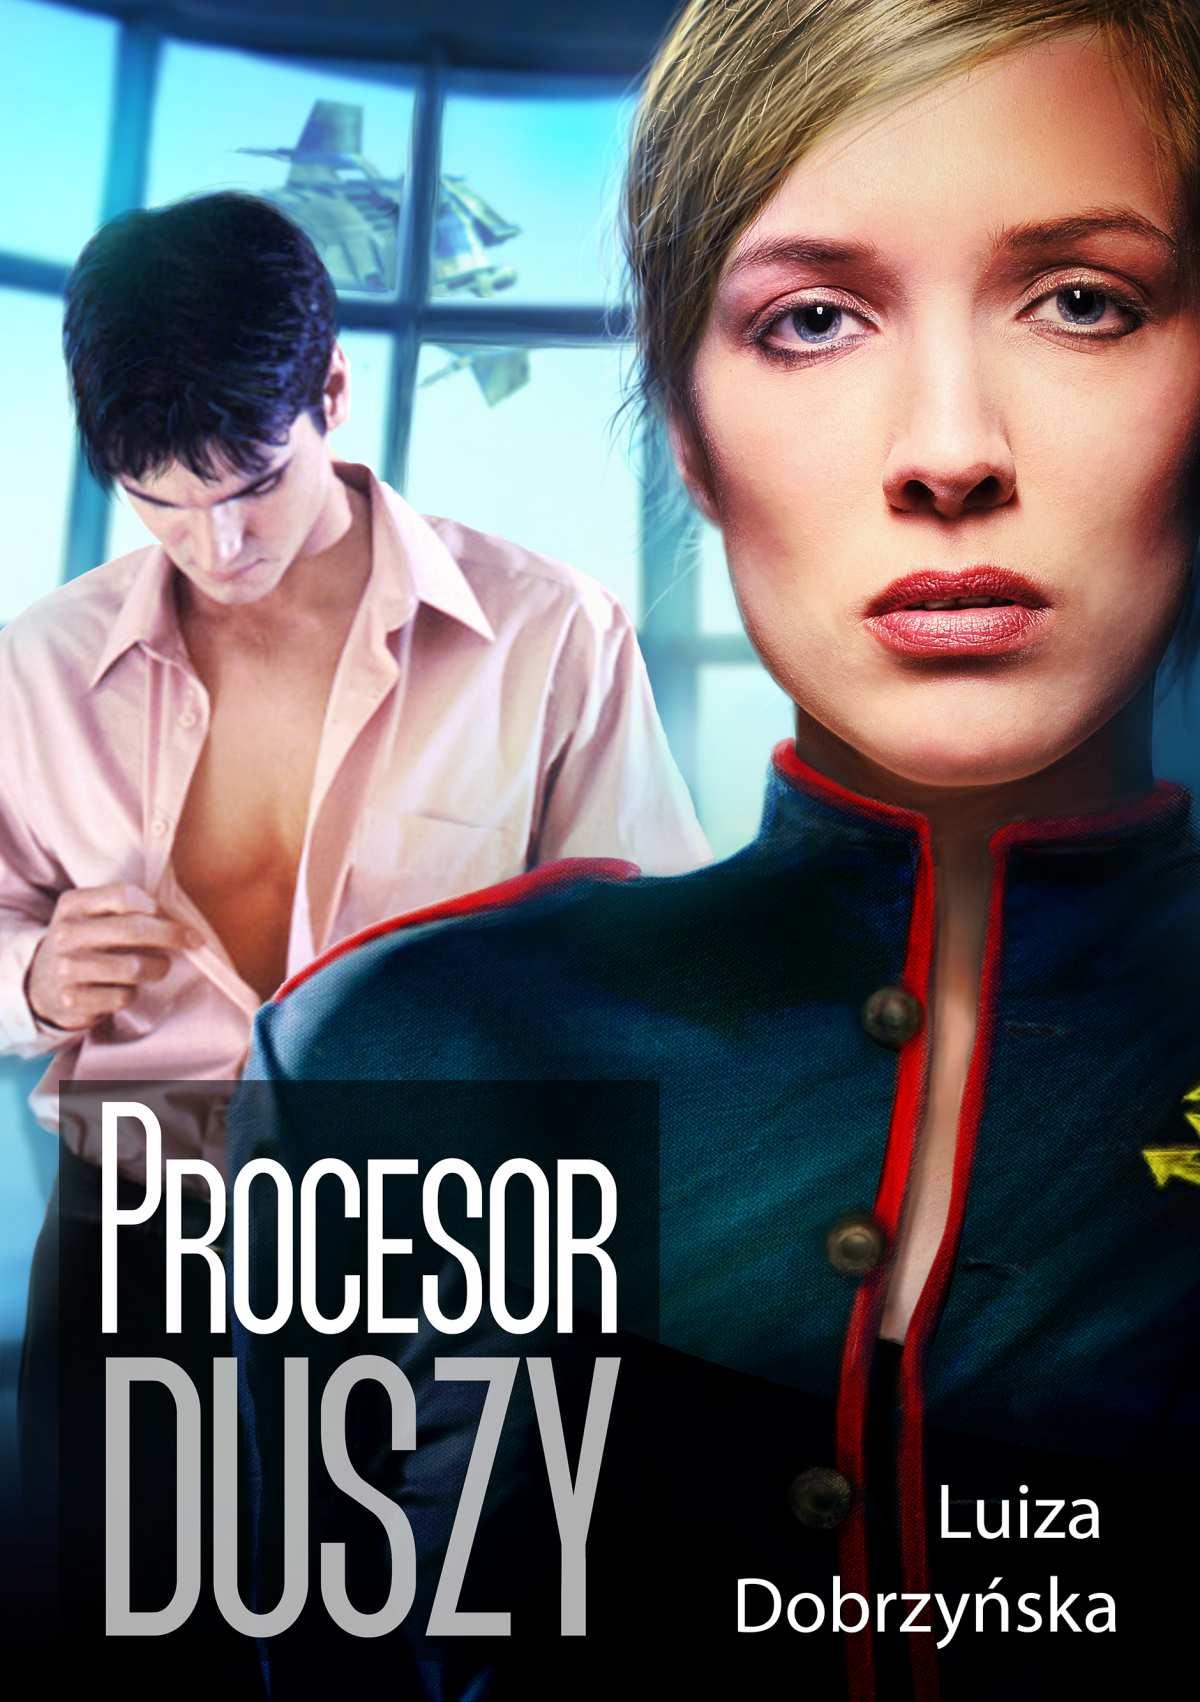 Procesor duszy - Ebook (Książka na Kindle) do pobrania w formacie MOBI